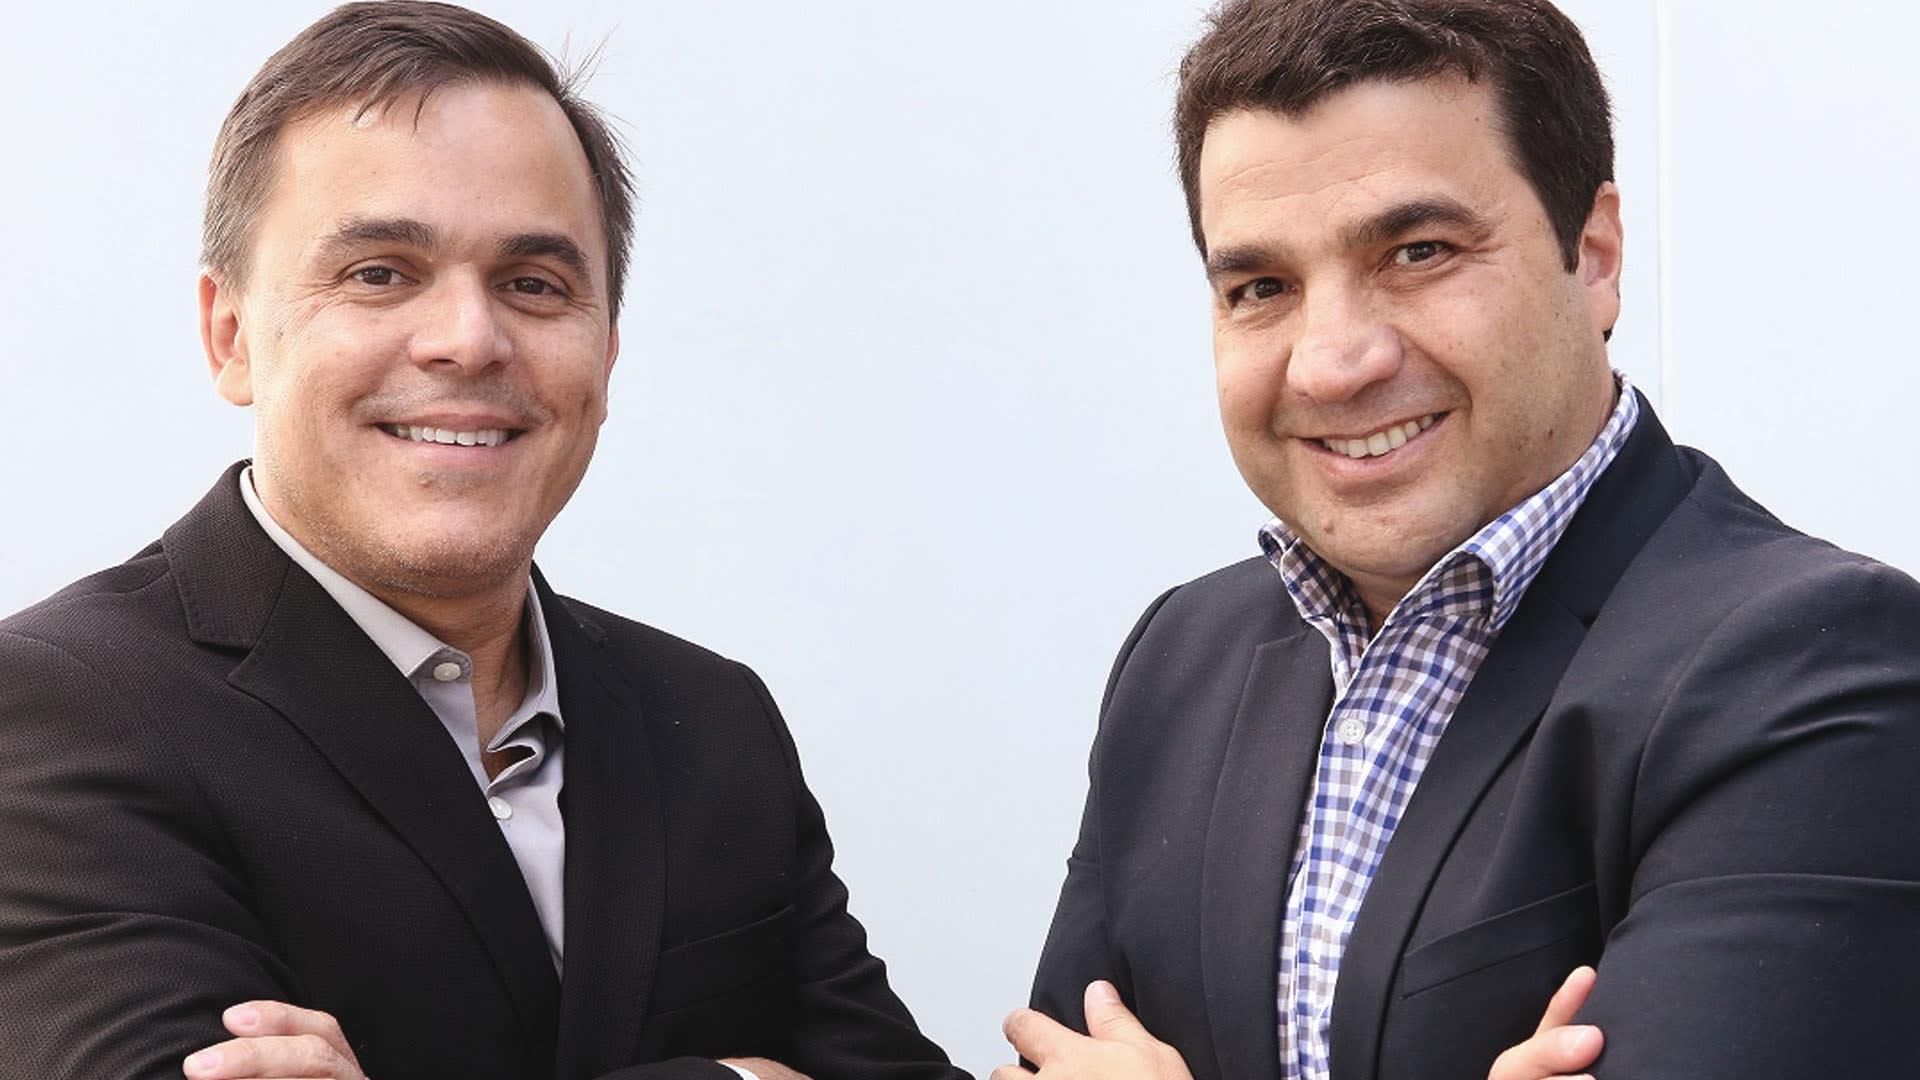 Na foto, João Kepler e Pierre Schurmann, fundadores da Bossa Nova Investimentos